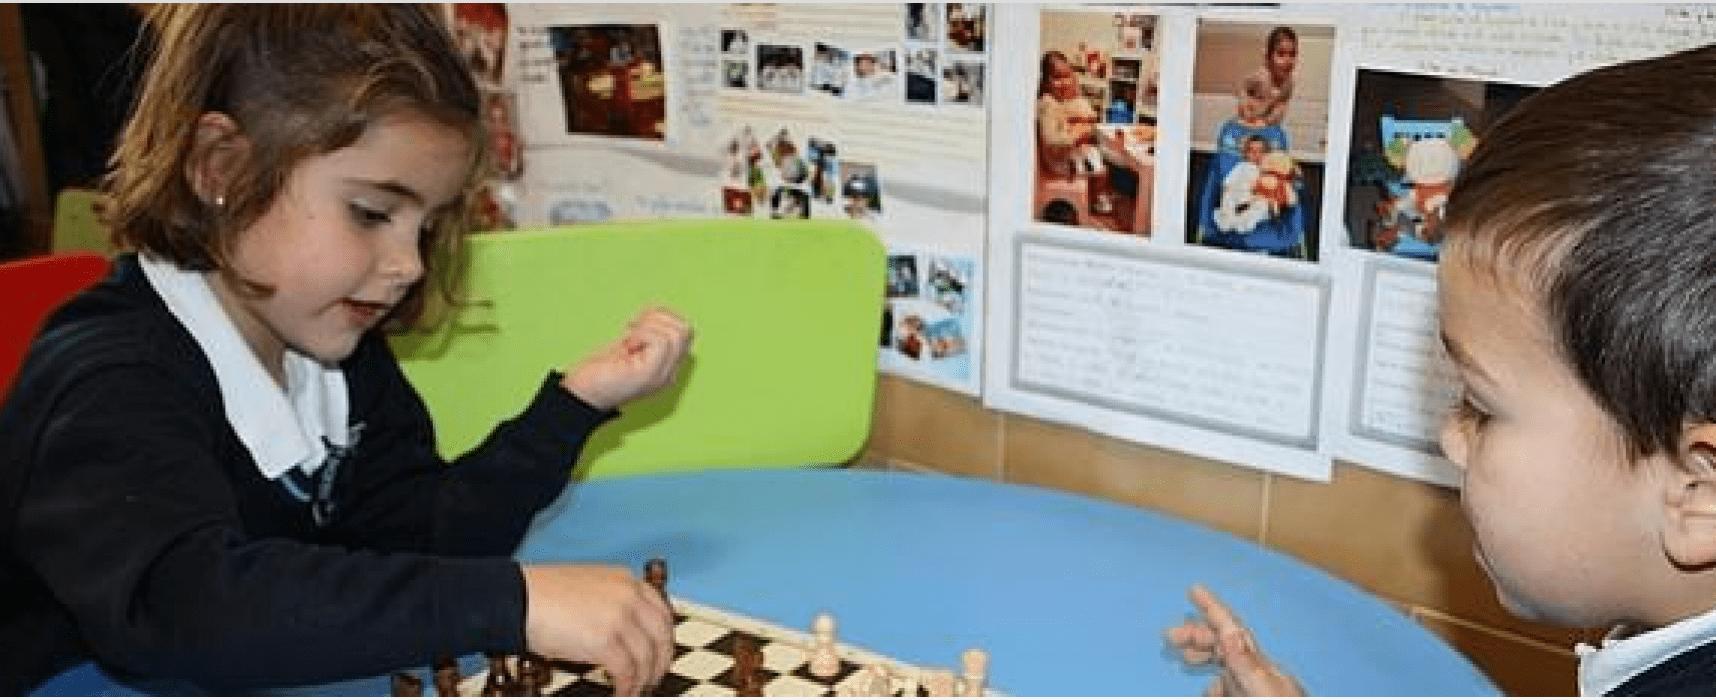 Nuestro proyecto de ajedrez escolar es noticia en la prensa